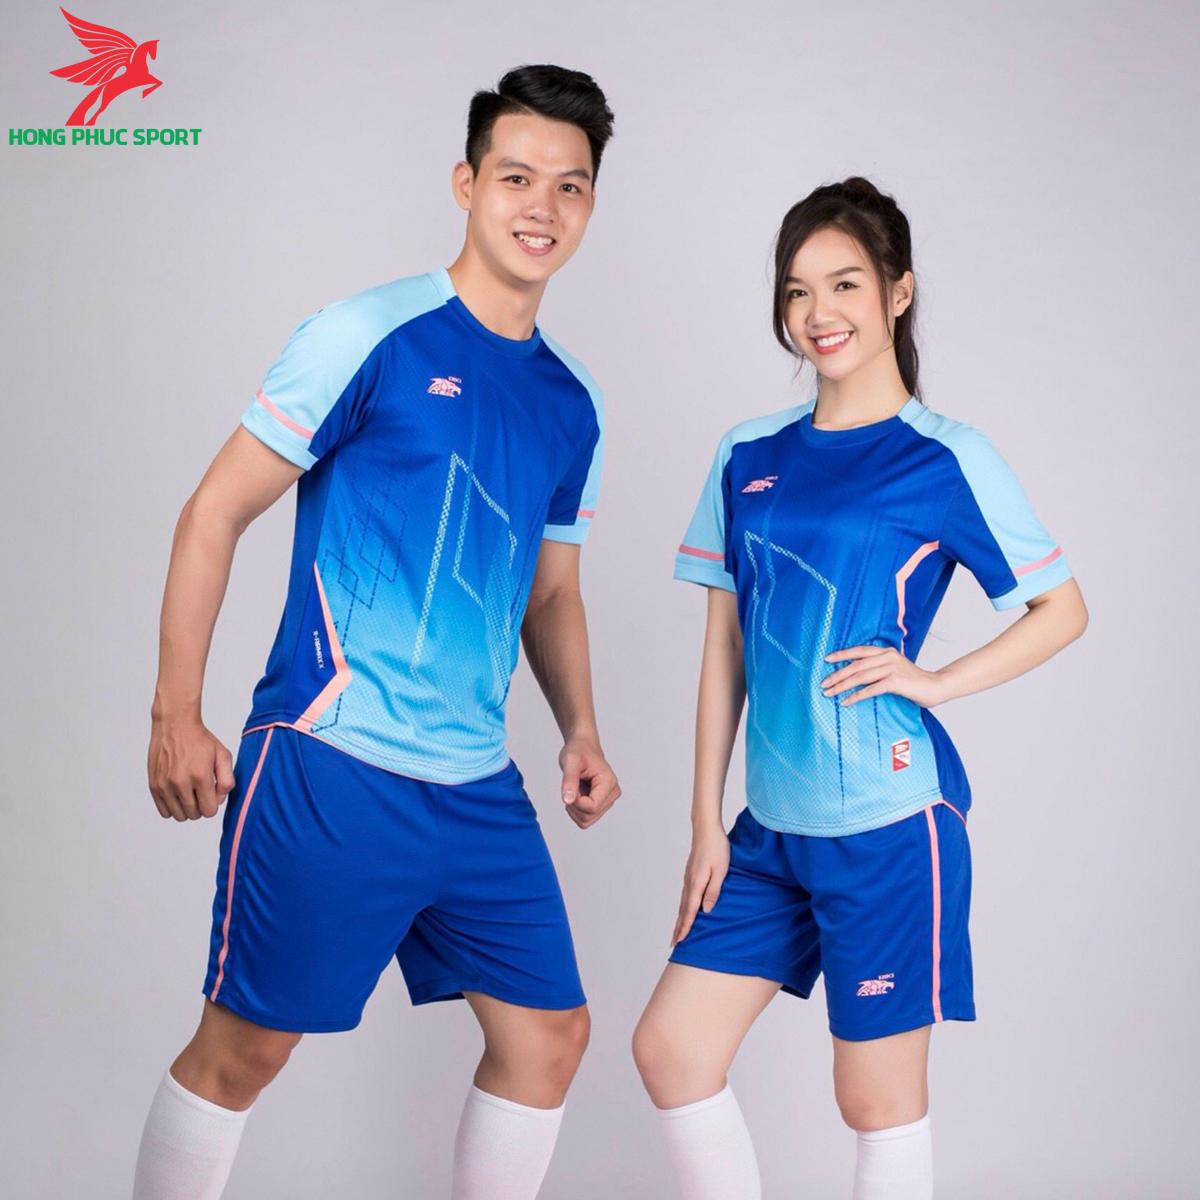 áo bóng đá không logo Riki Airmaxx Xanh bích